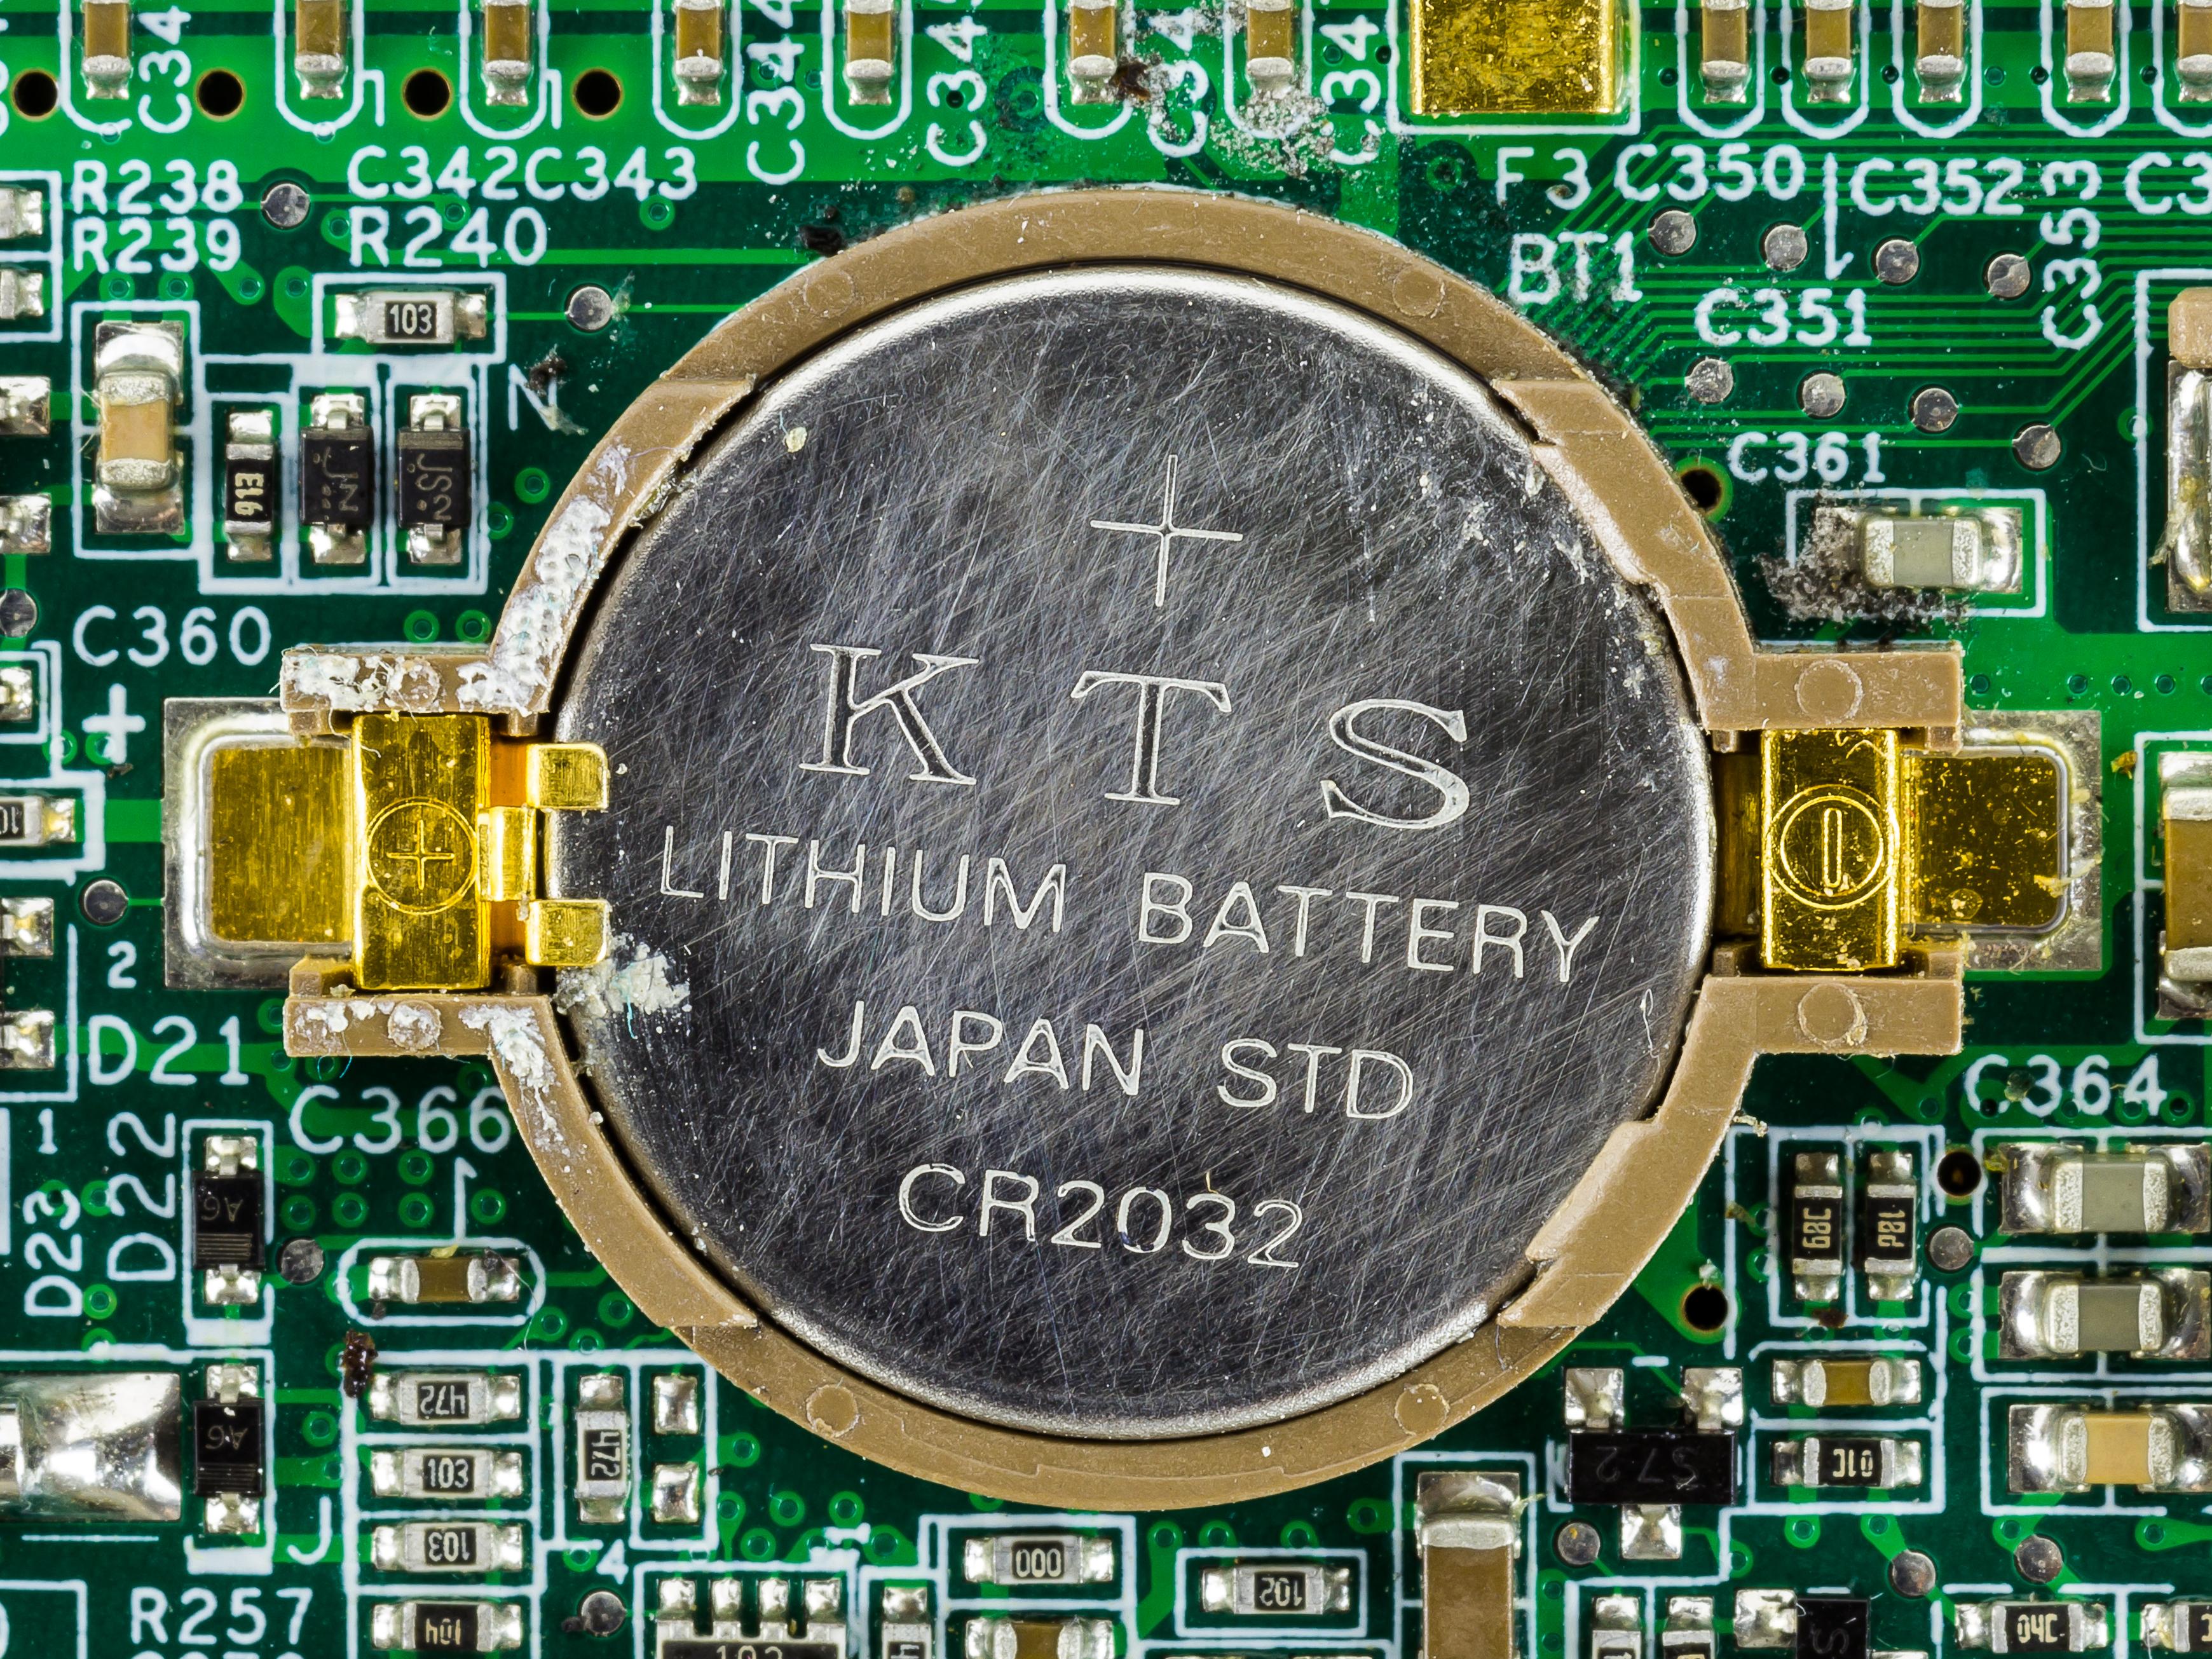 Backup battery - Wikipedia